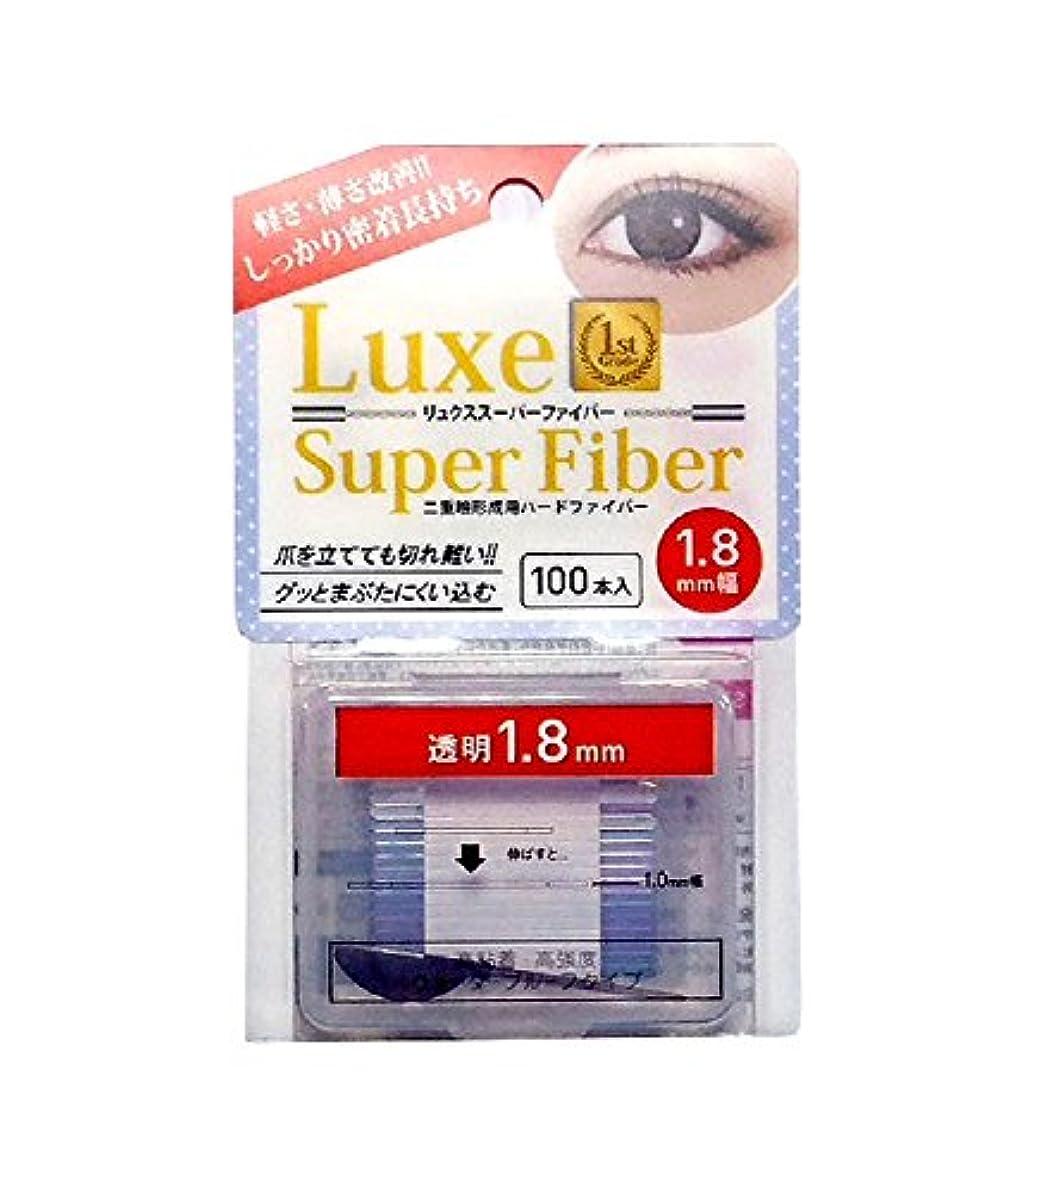 ライバルクーポン頑張るLuxe(リュクス) スーパーファイバーII 透明 クリア 1.8mm 100本入り